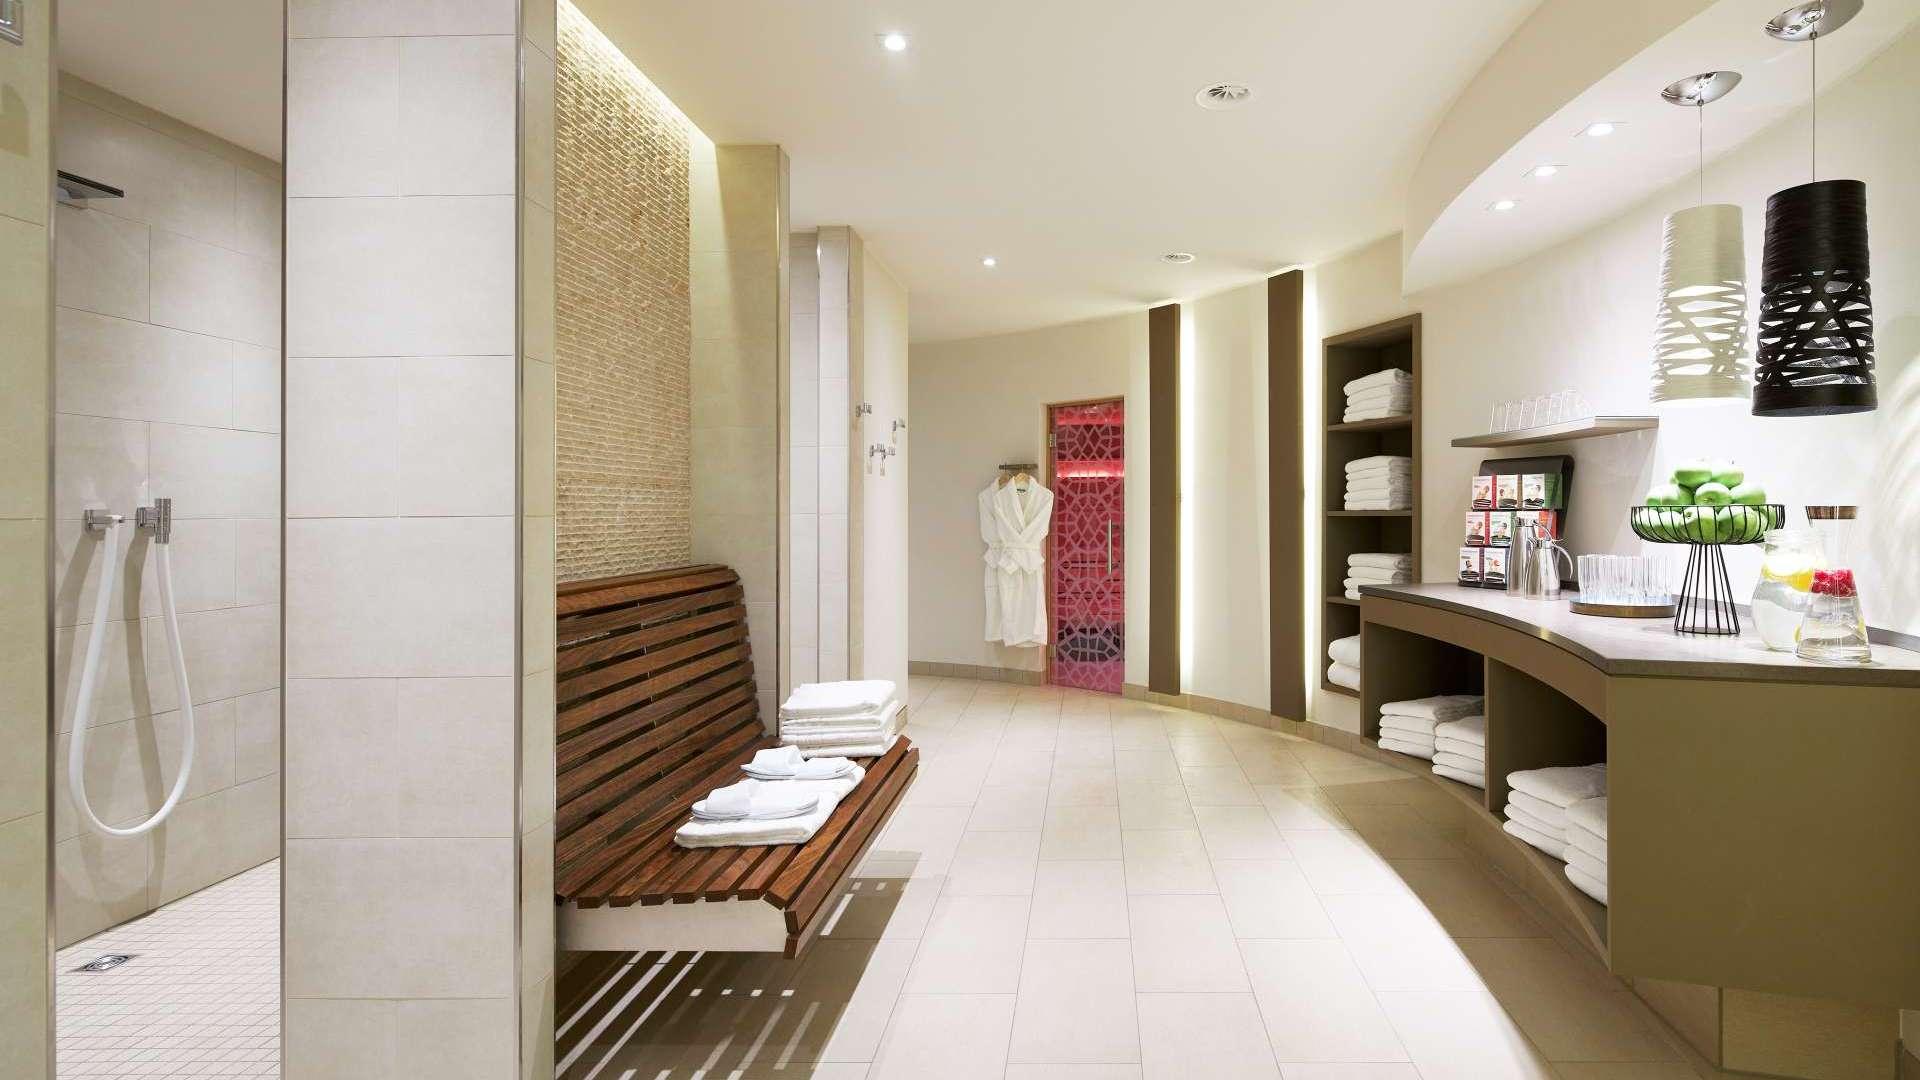 Classik Hotel Alexander Plaza Sauna und Wellnessbereich